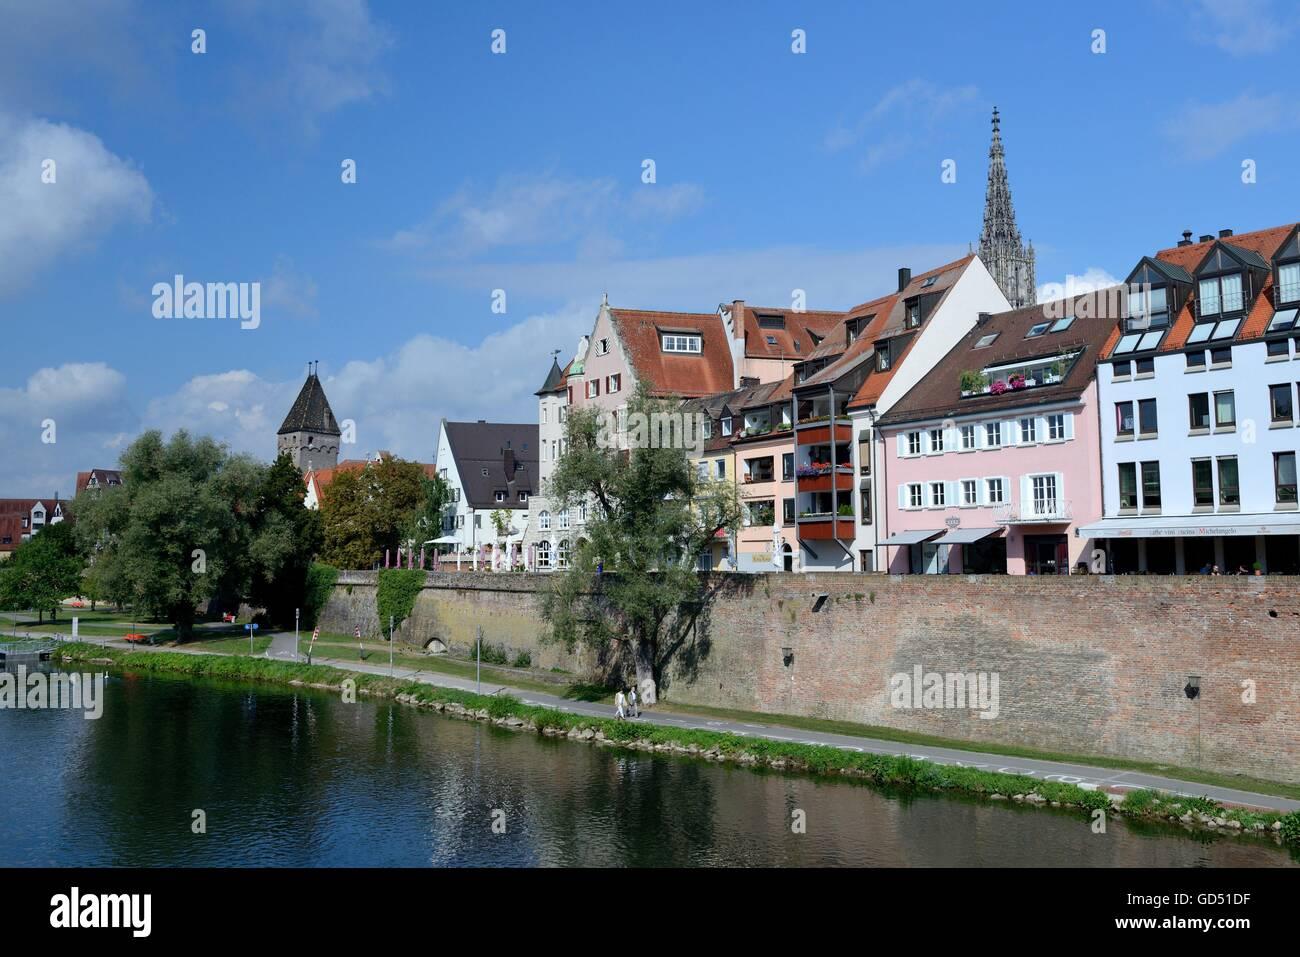 Muenster, Metzgerturm und Donau, Stadt, Ulm, Baden-Wuerttemberg, Deutschland Stock Photo